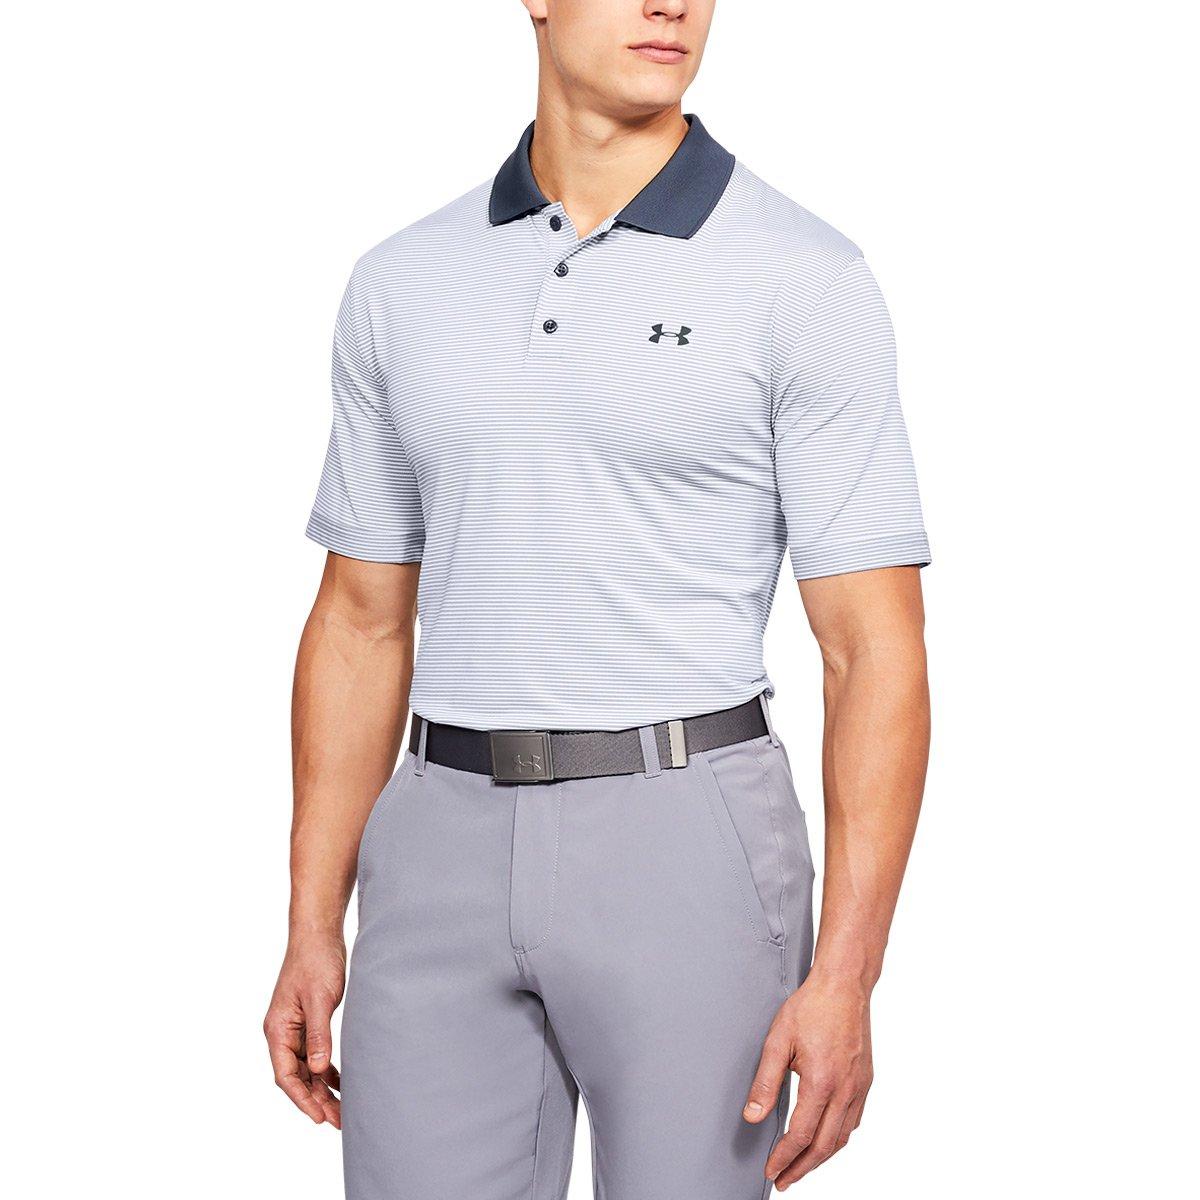 [アンダーアーマー] UA Performance Polo Novelty メンズ 1321344 B071F9KZH4 XXX-Large|White (100)/Stealth Gray White (100)/Stealth Gray XXX-Large